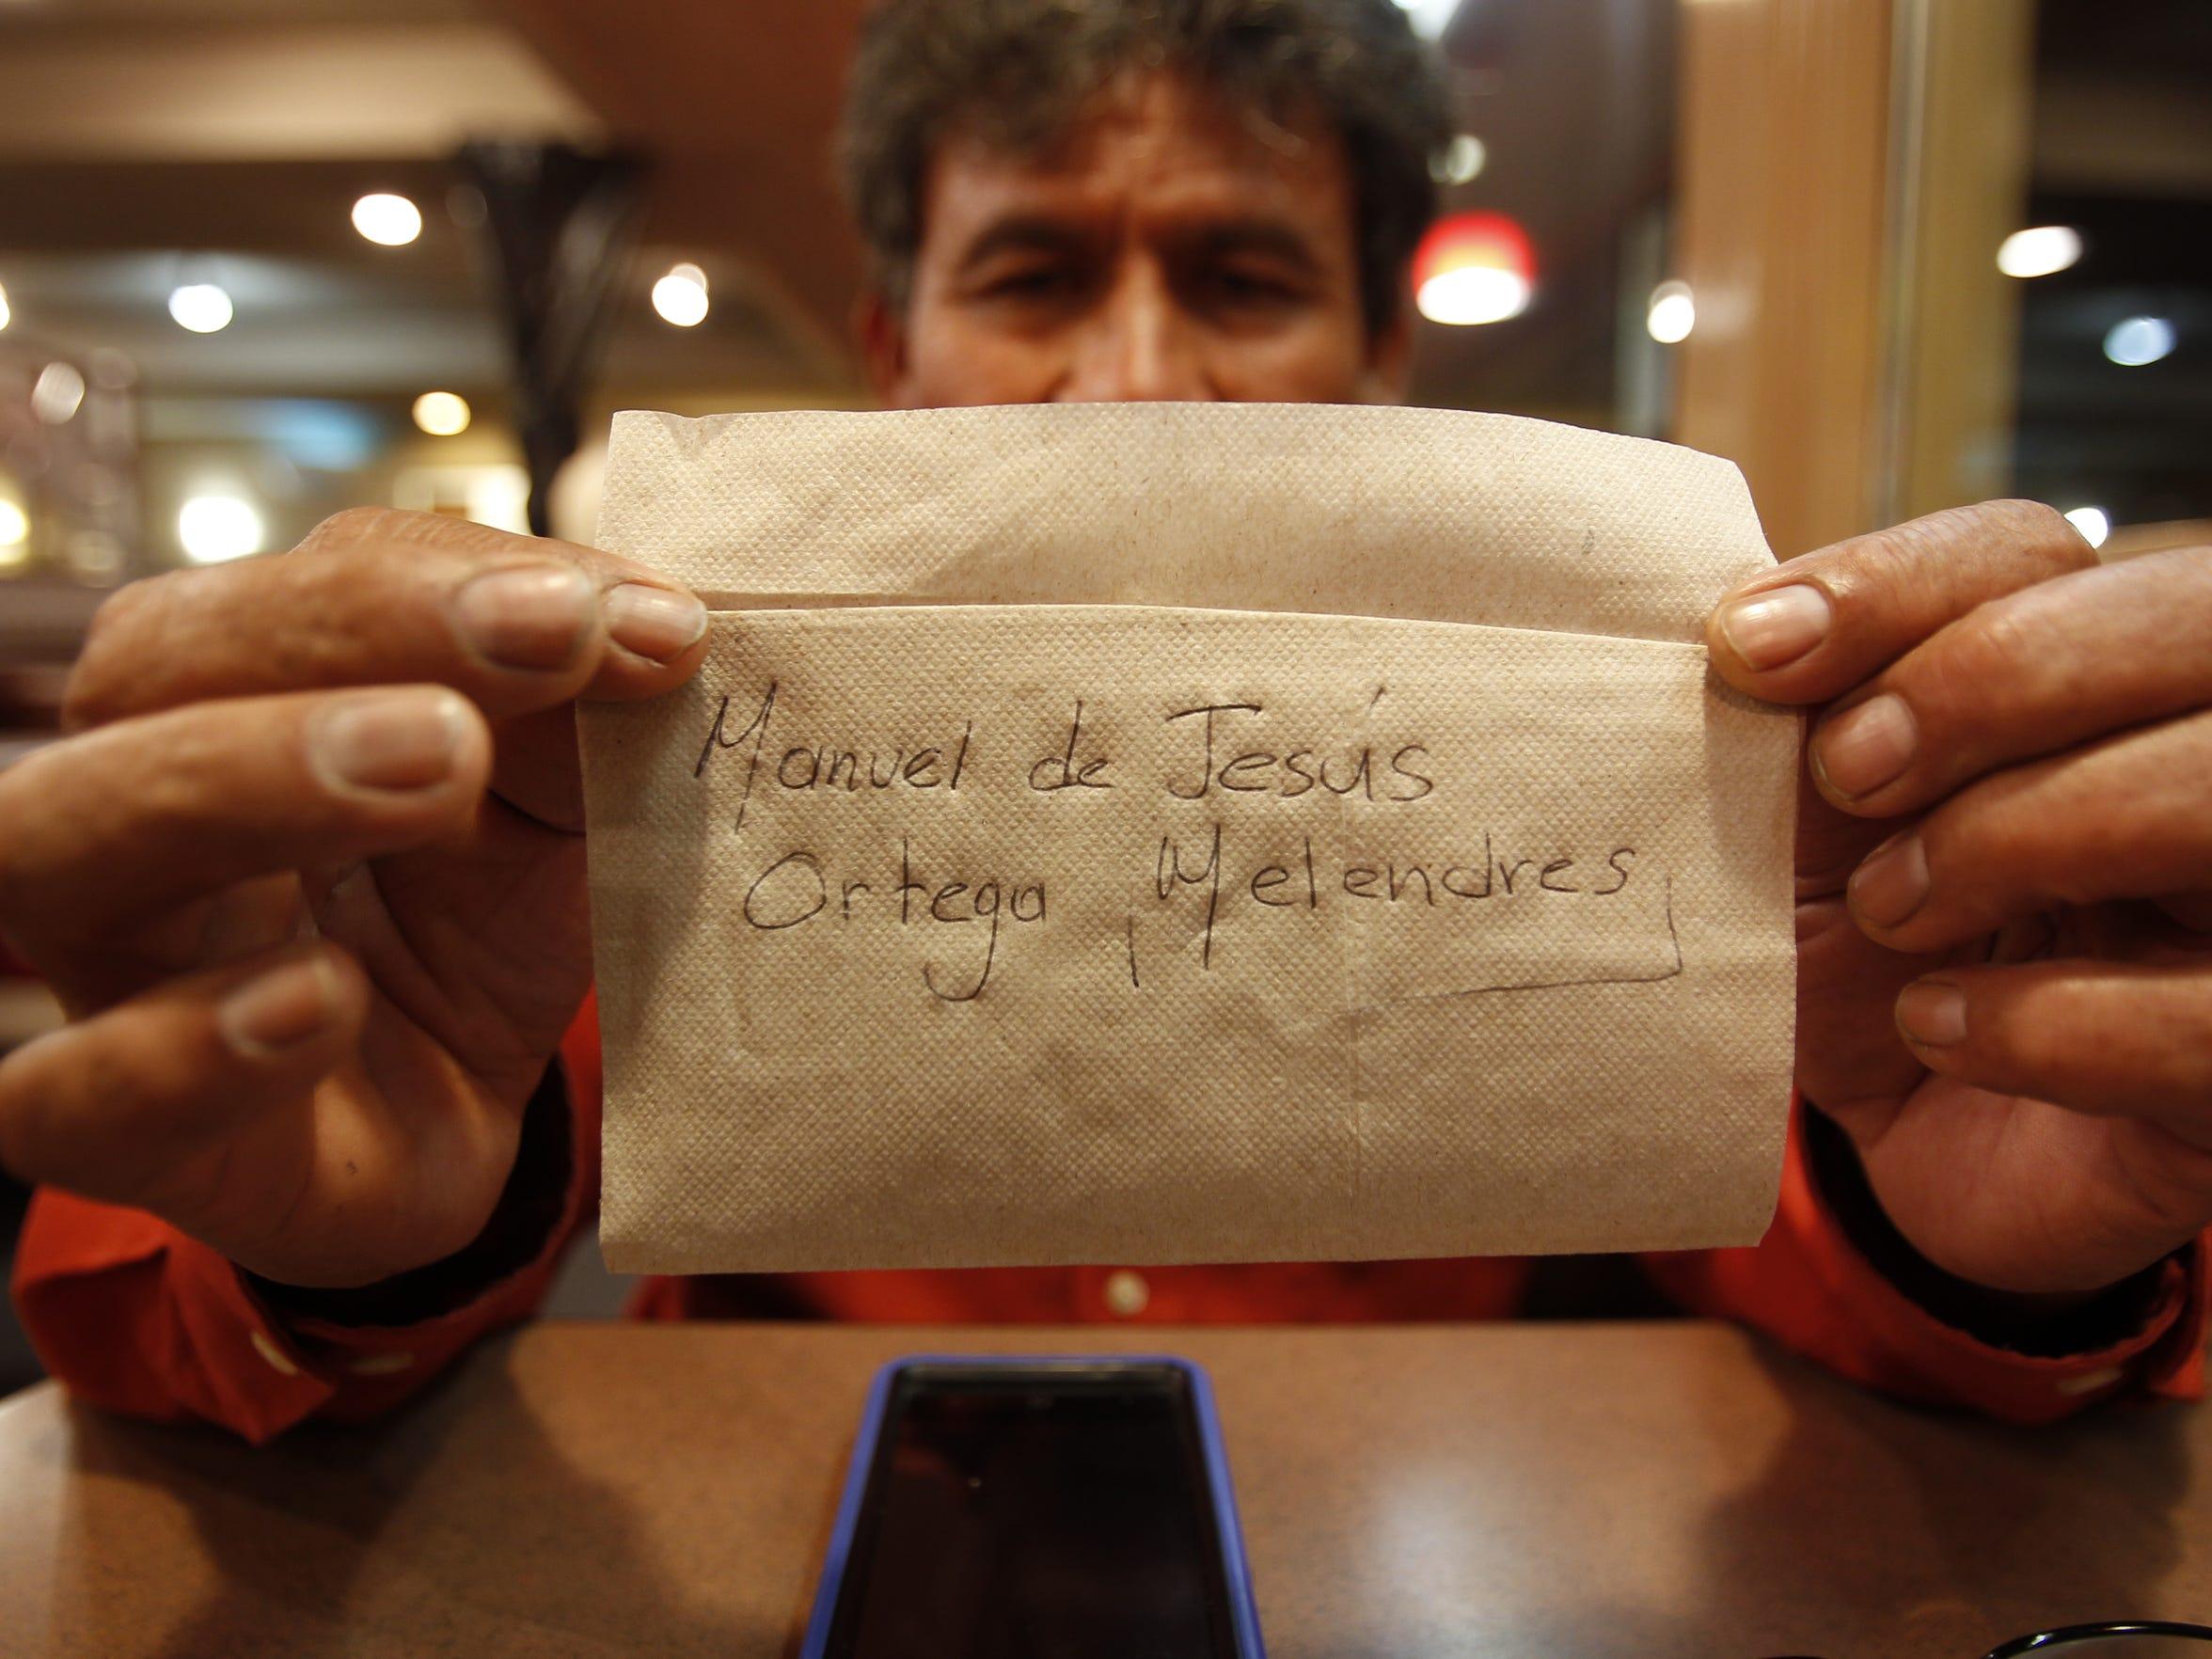 Manuel de Jesús Ortega Melendres holds up a napkin